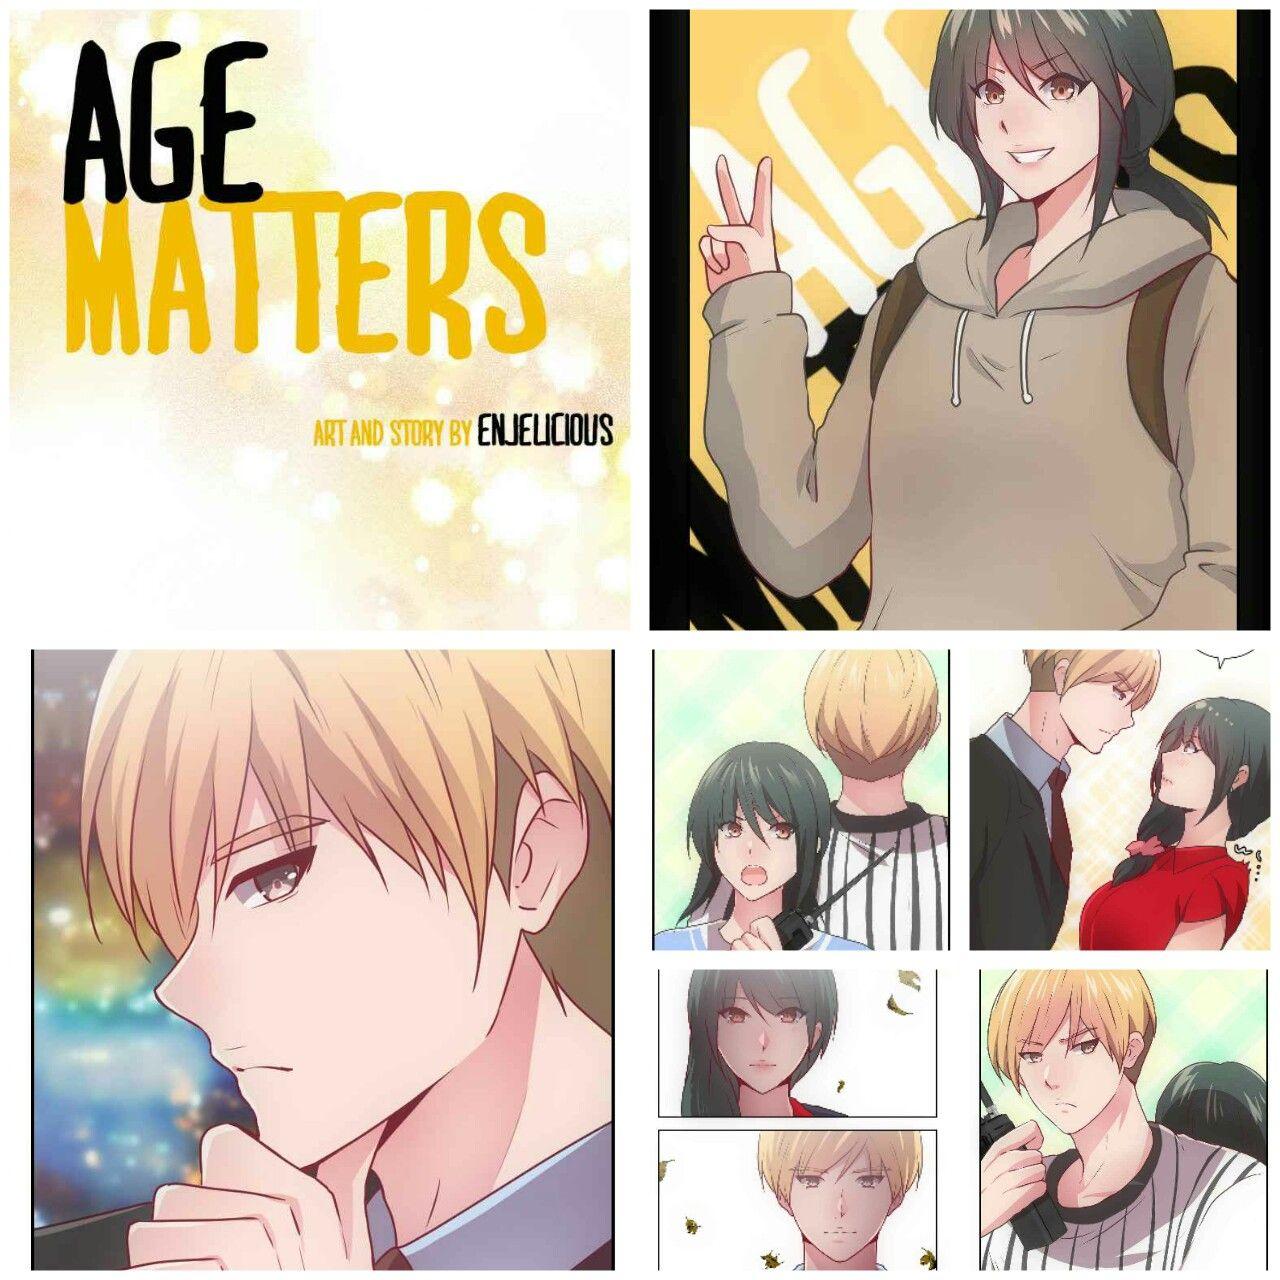 Age Matters - webtoon | Anime & Comics | Webtoon comics